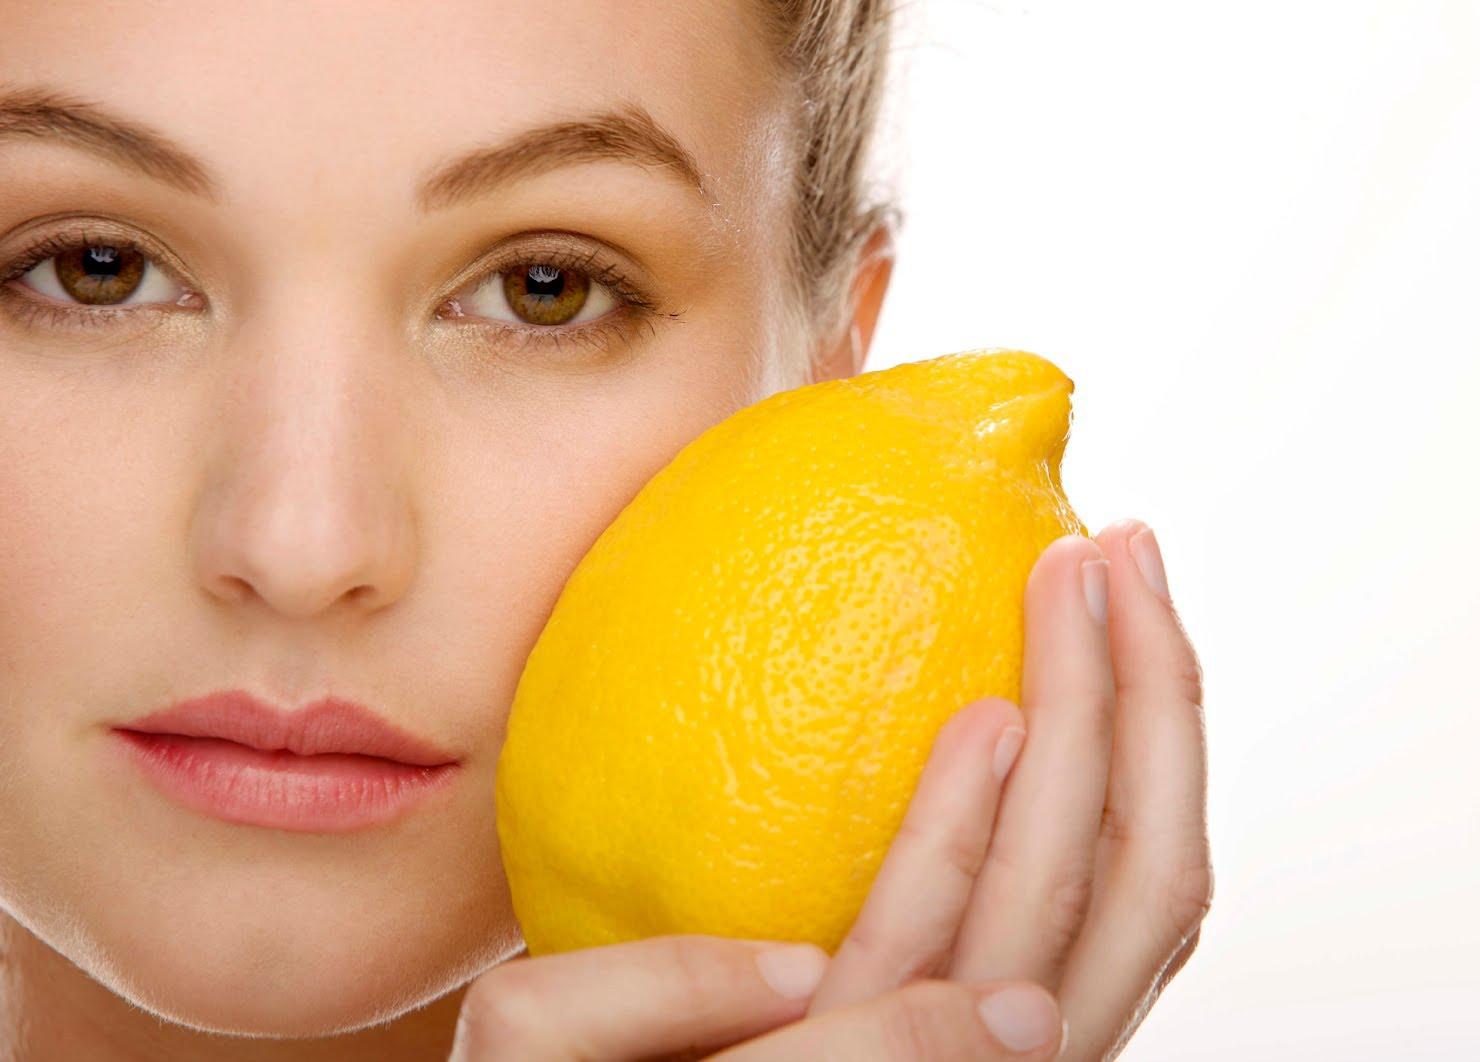 بالصور فوائد الليمون العديدة للجسم 20160714 2578